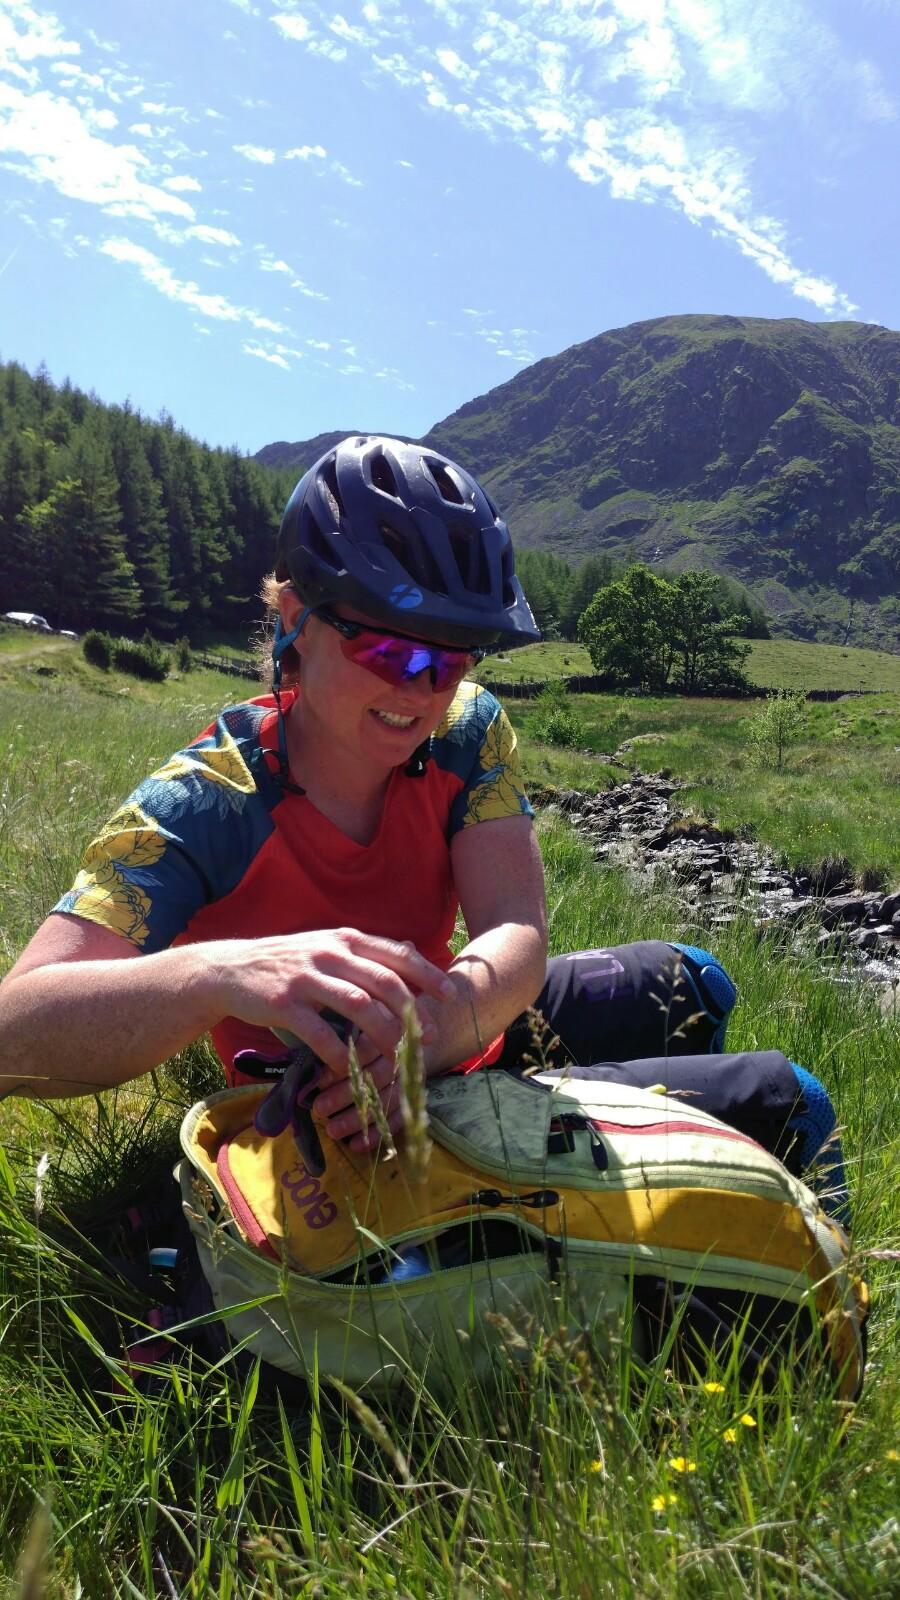 Hot and sunny mountain biking days!